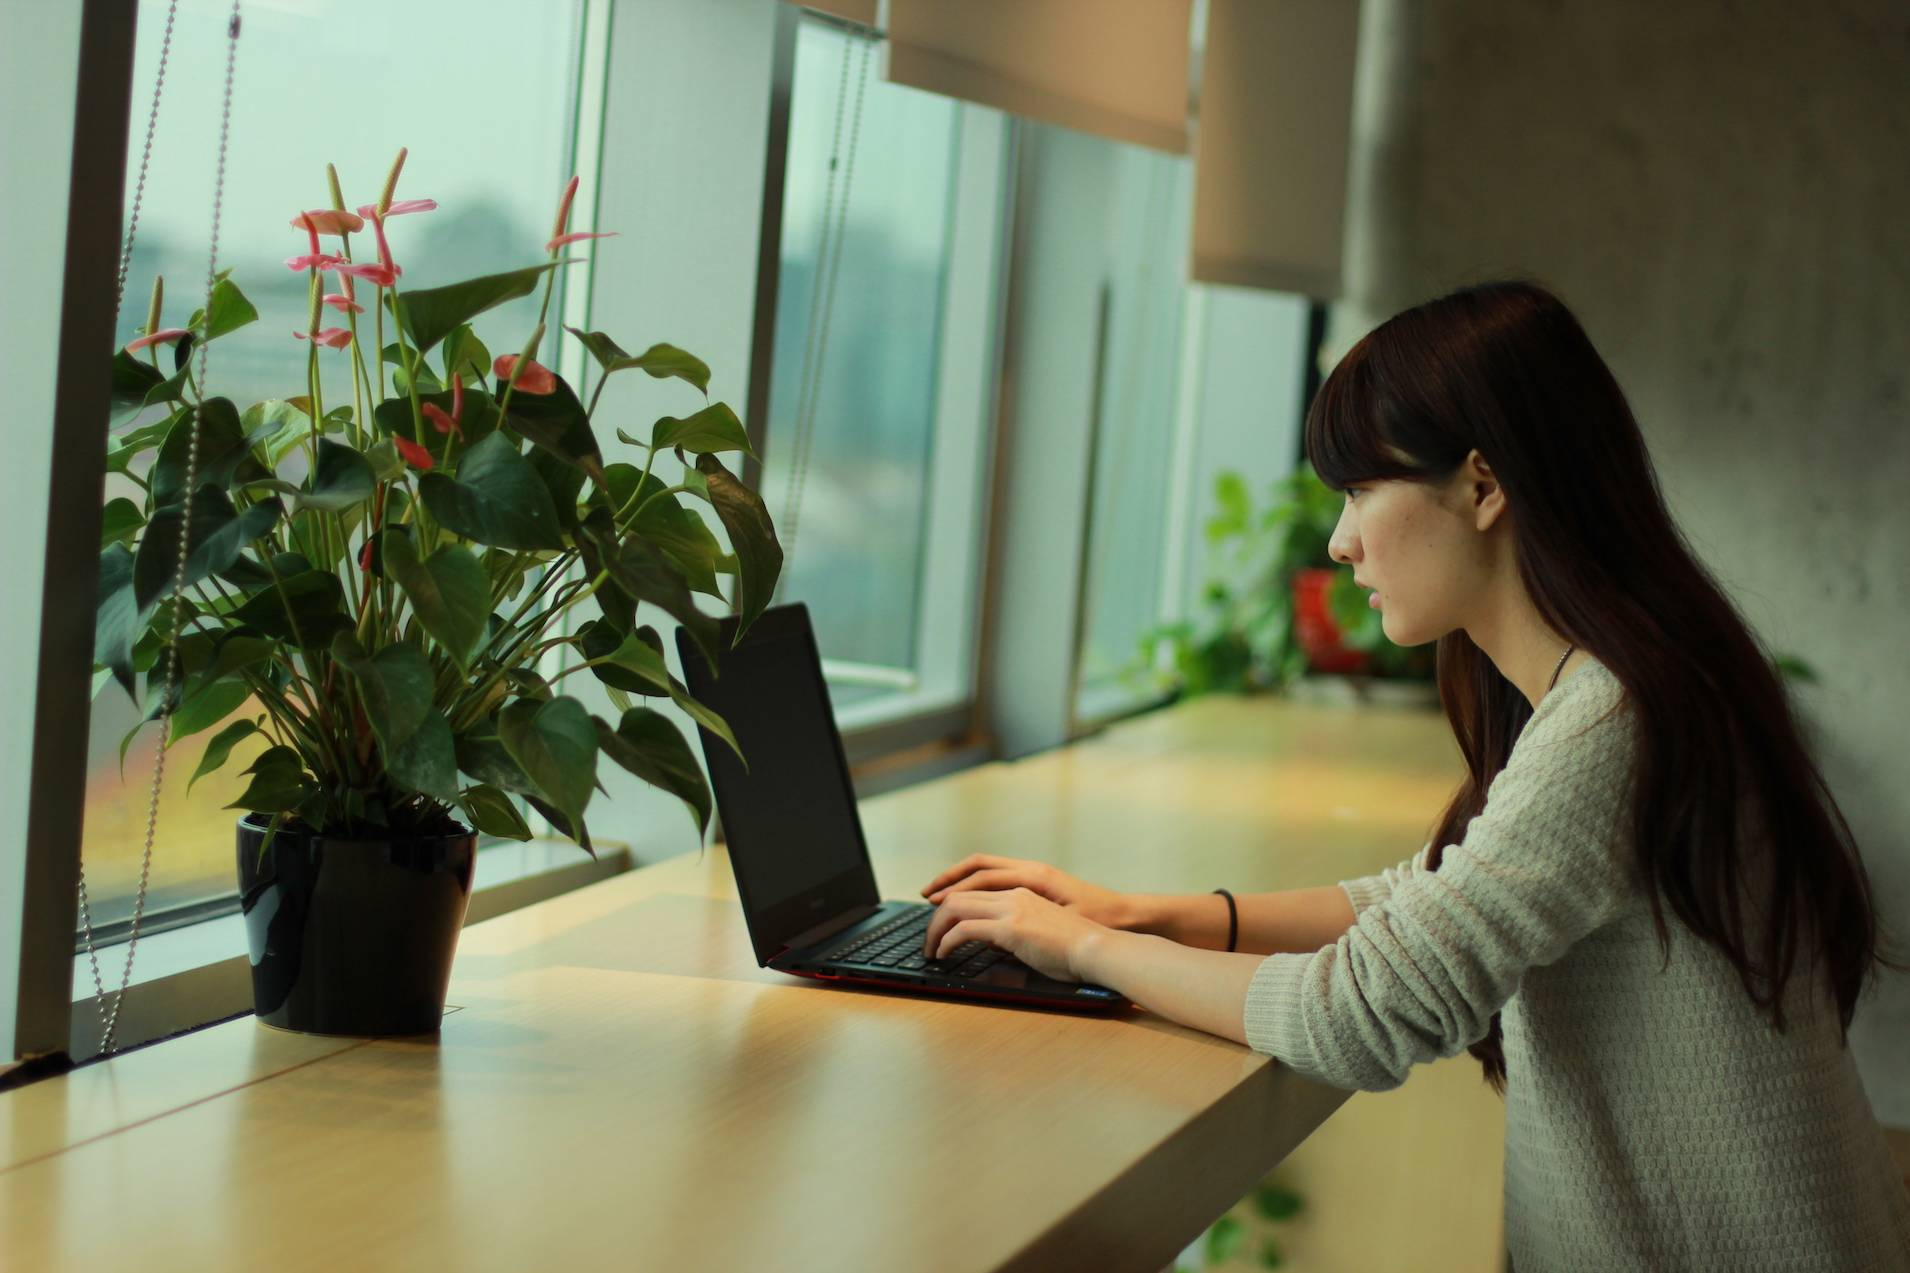 怎样让笔记本电脑颜值和性能兼得?